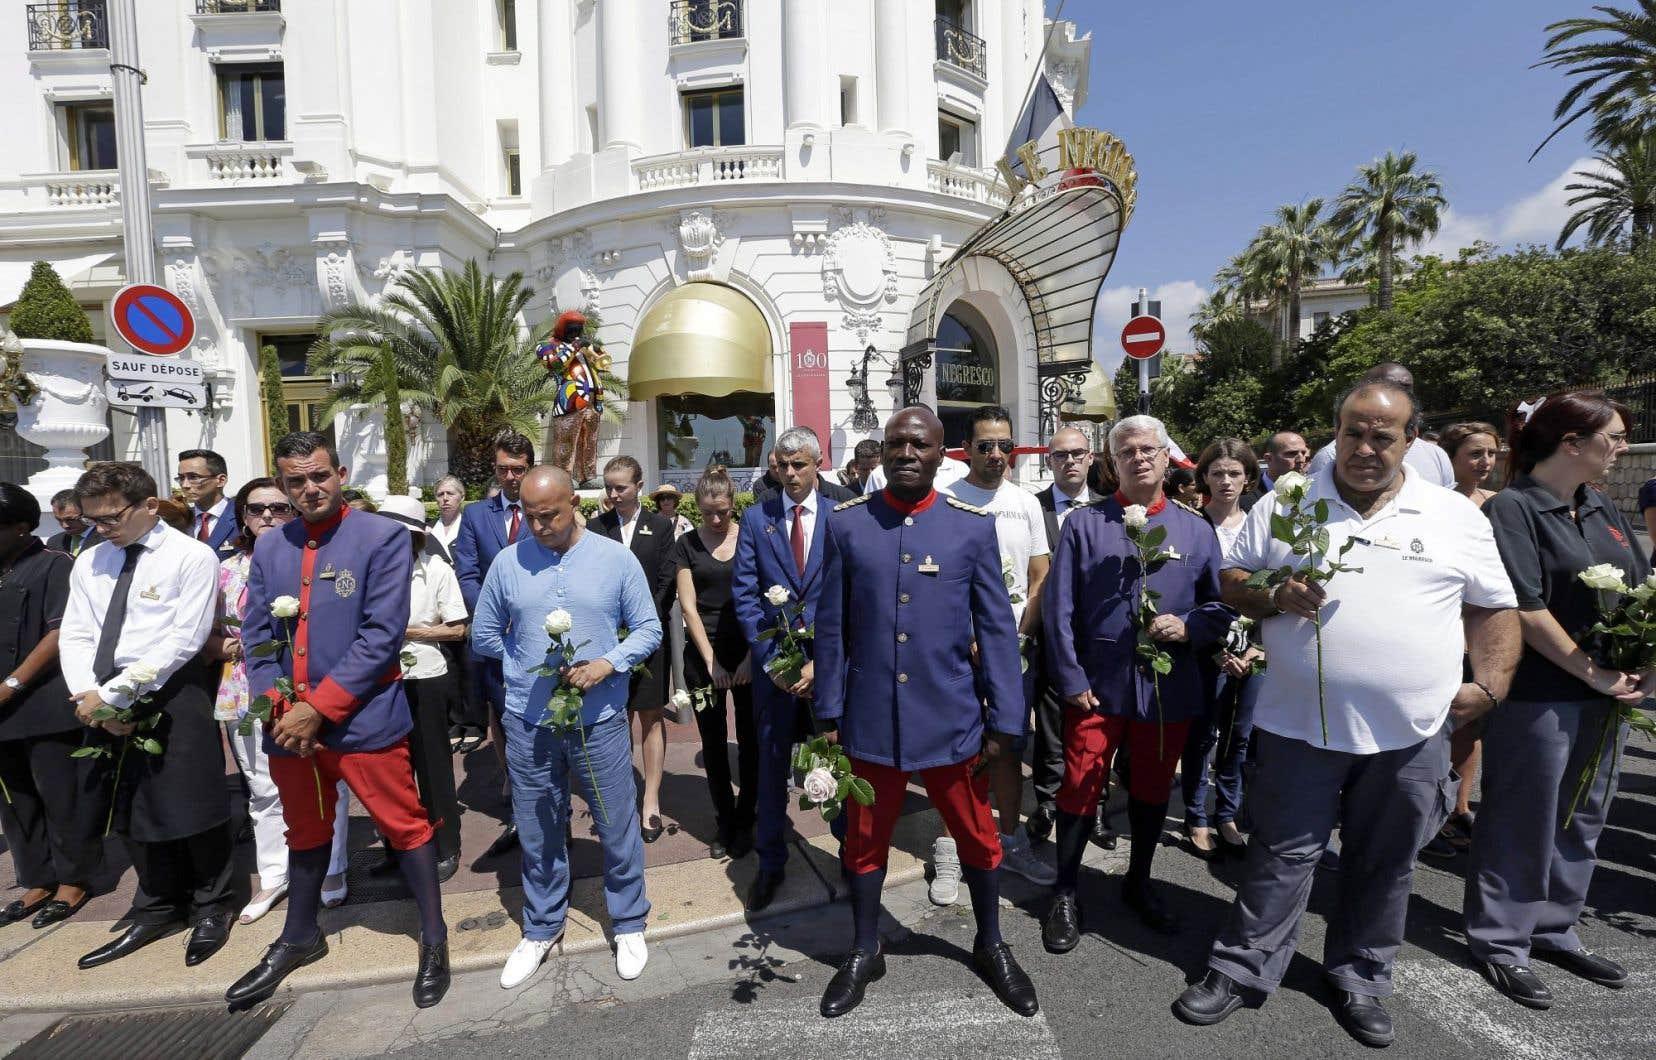 Le temps s'est figé lundi, à midi, en France et particulièrement sur la promenade des Anglais à Nice, pour une minute de silence en hommage aux victimes de l'attentat du 14 juillet.